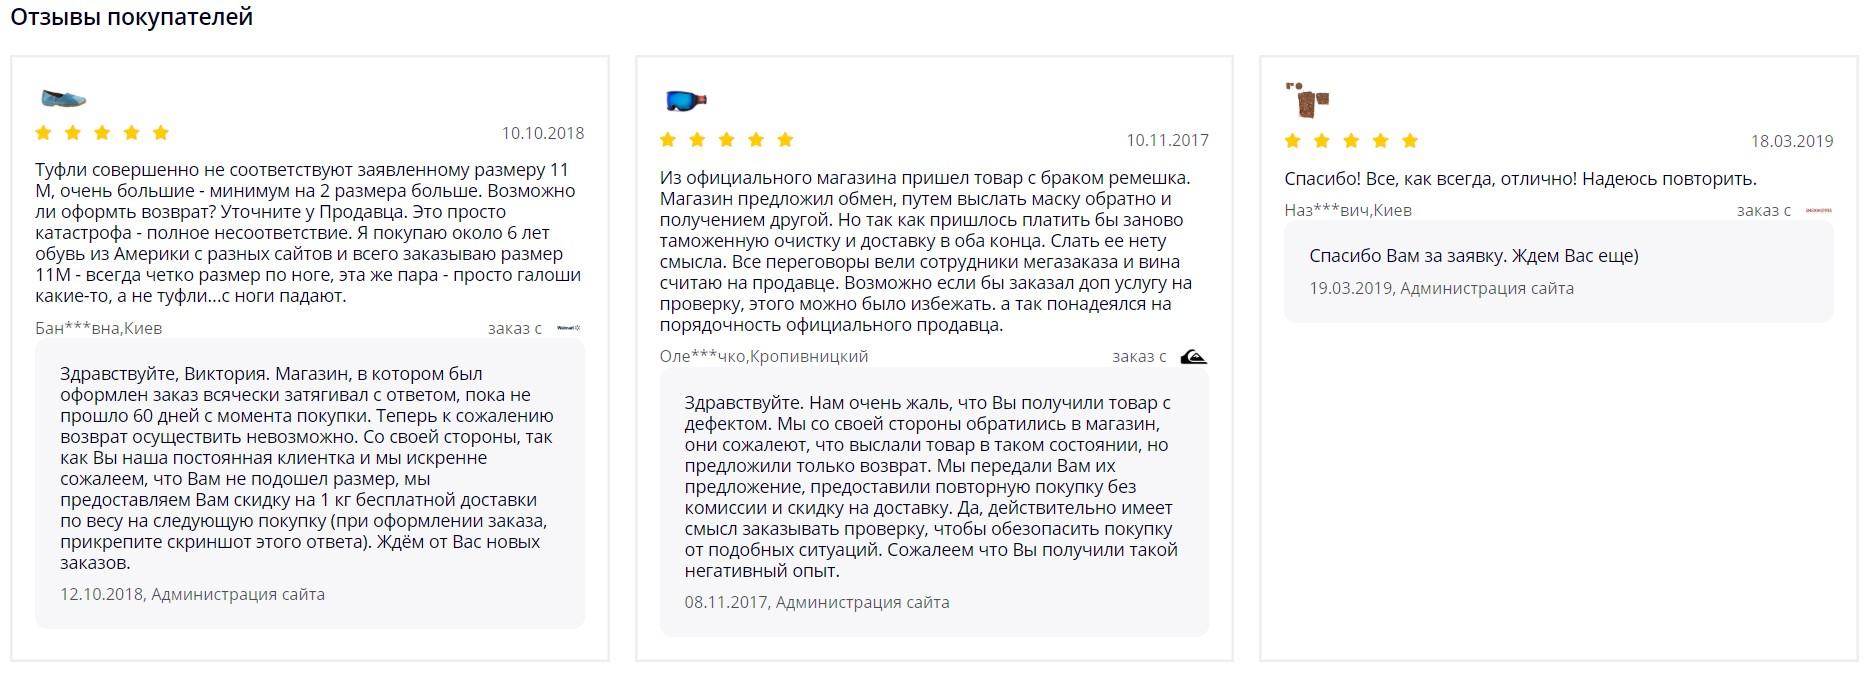 Отзывы покупателей на сайте